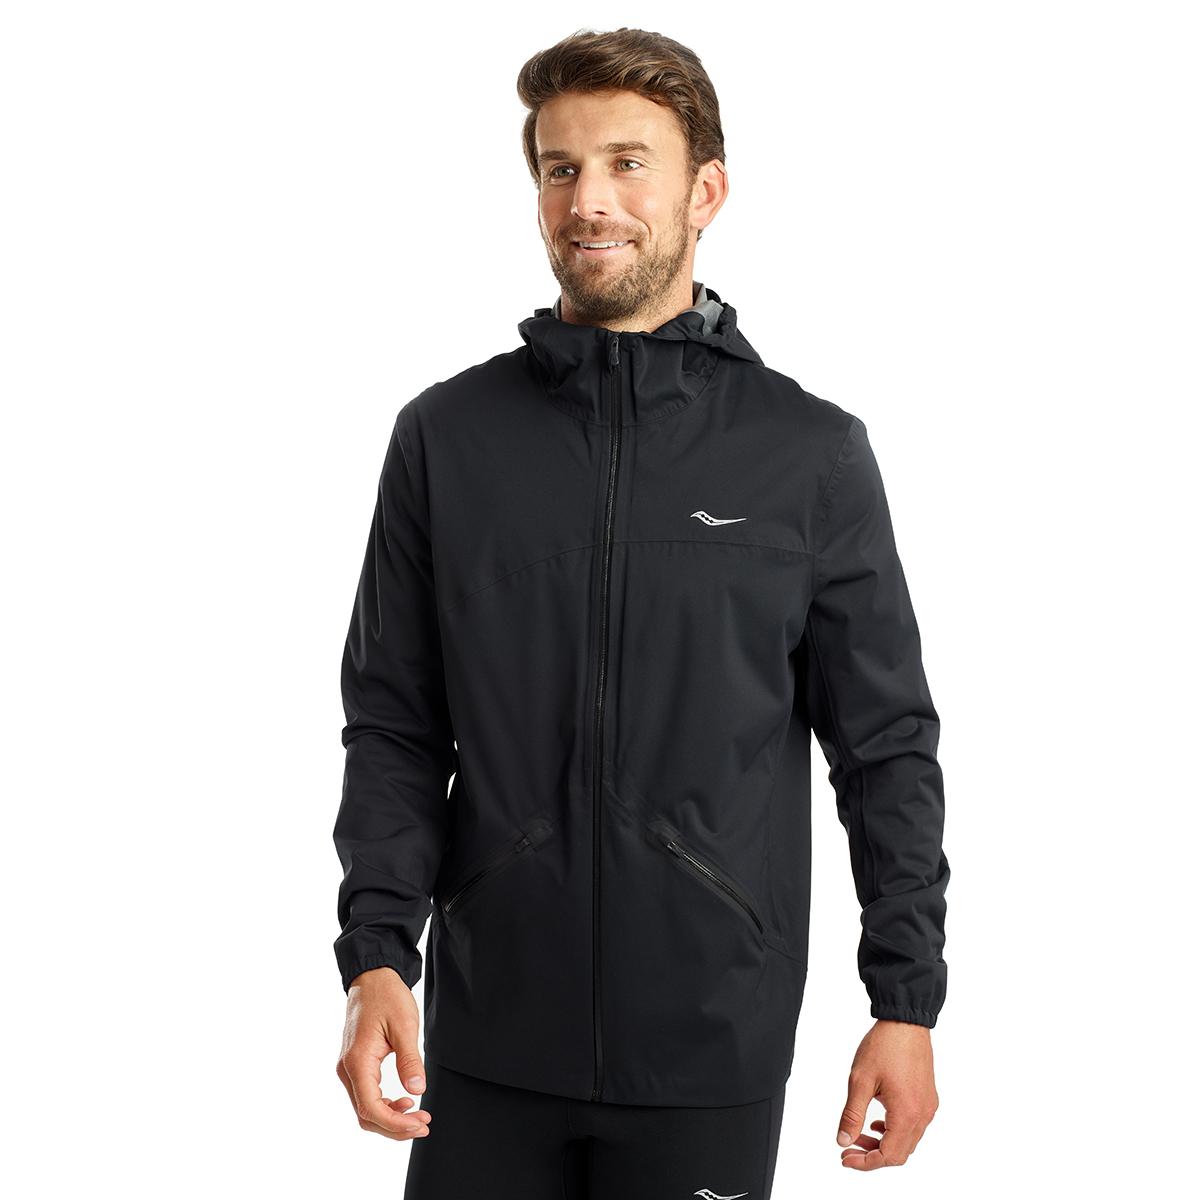 Men's Saucony Drizzle Jacket  - Color: Black - Size: S, Black, large, image 1